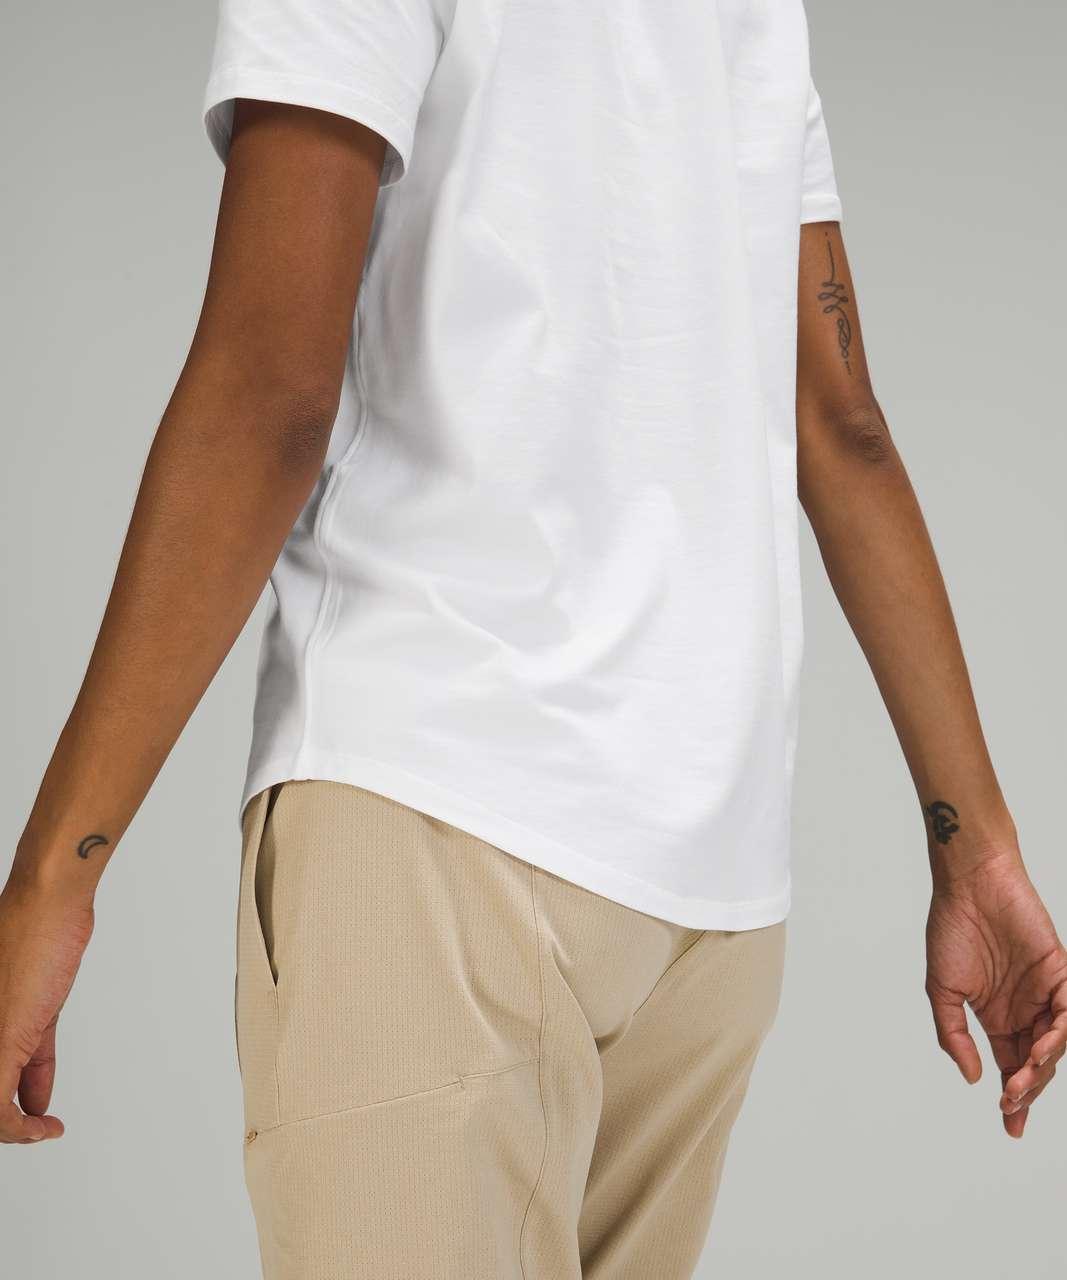 Lululemon Love Tee Short Sleeve V-Neck T-Shirt - White (First Release)